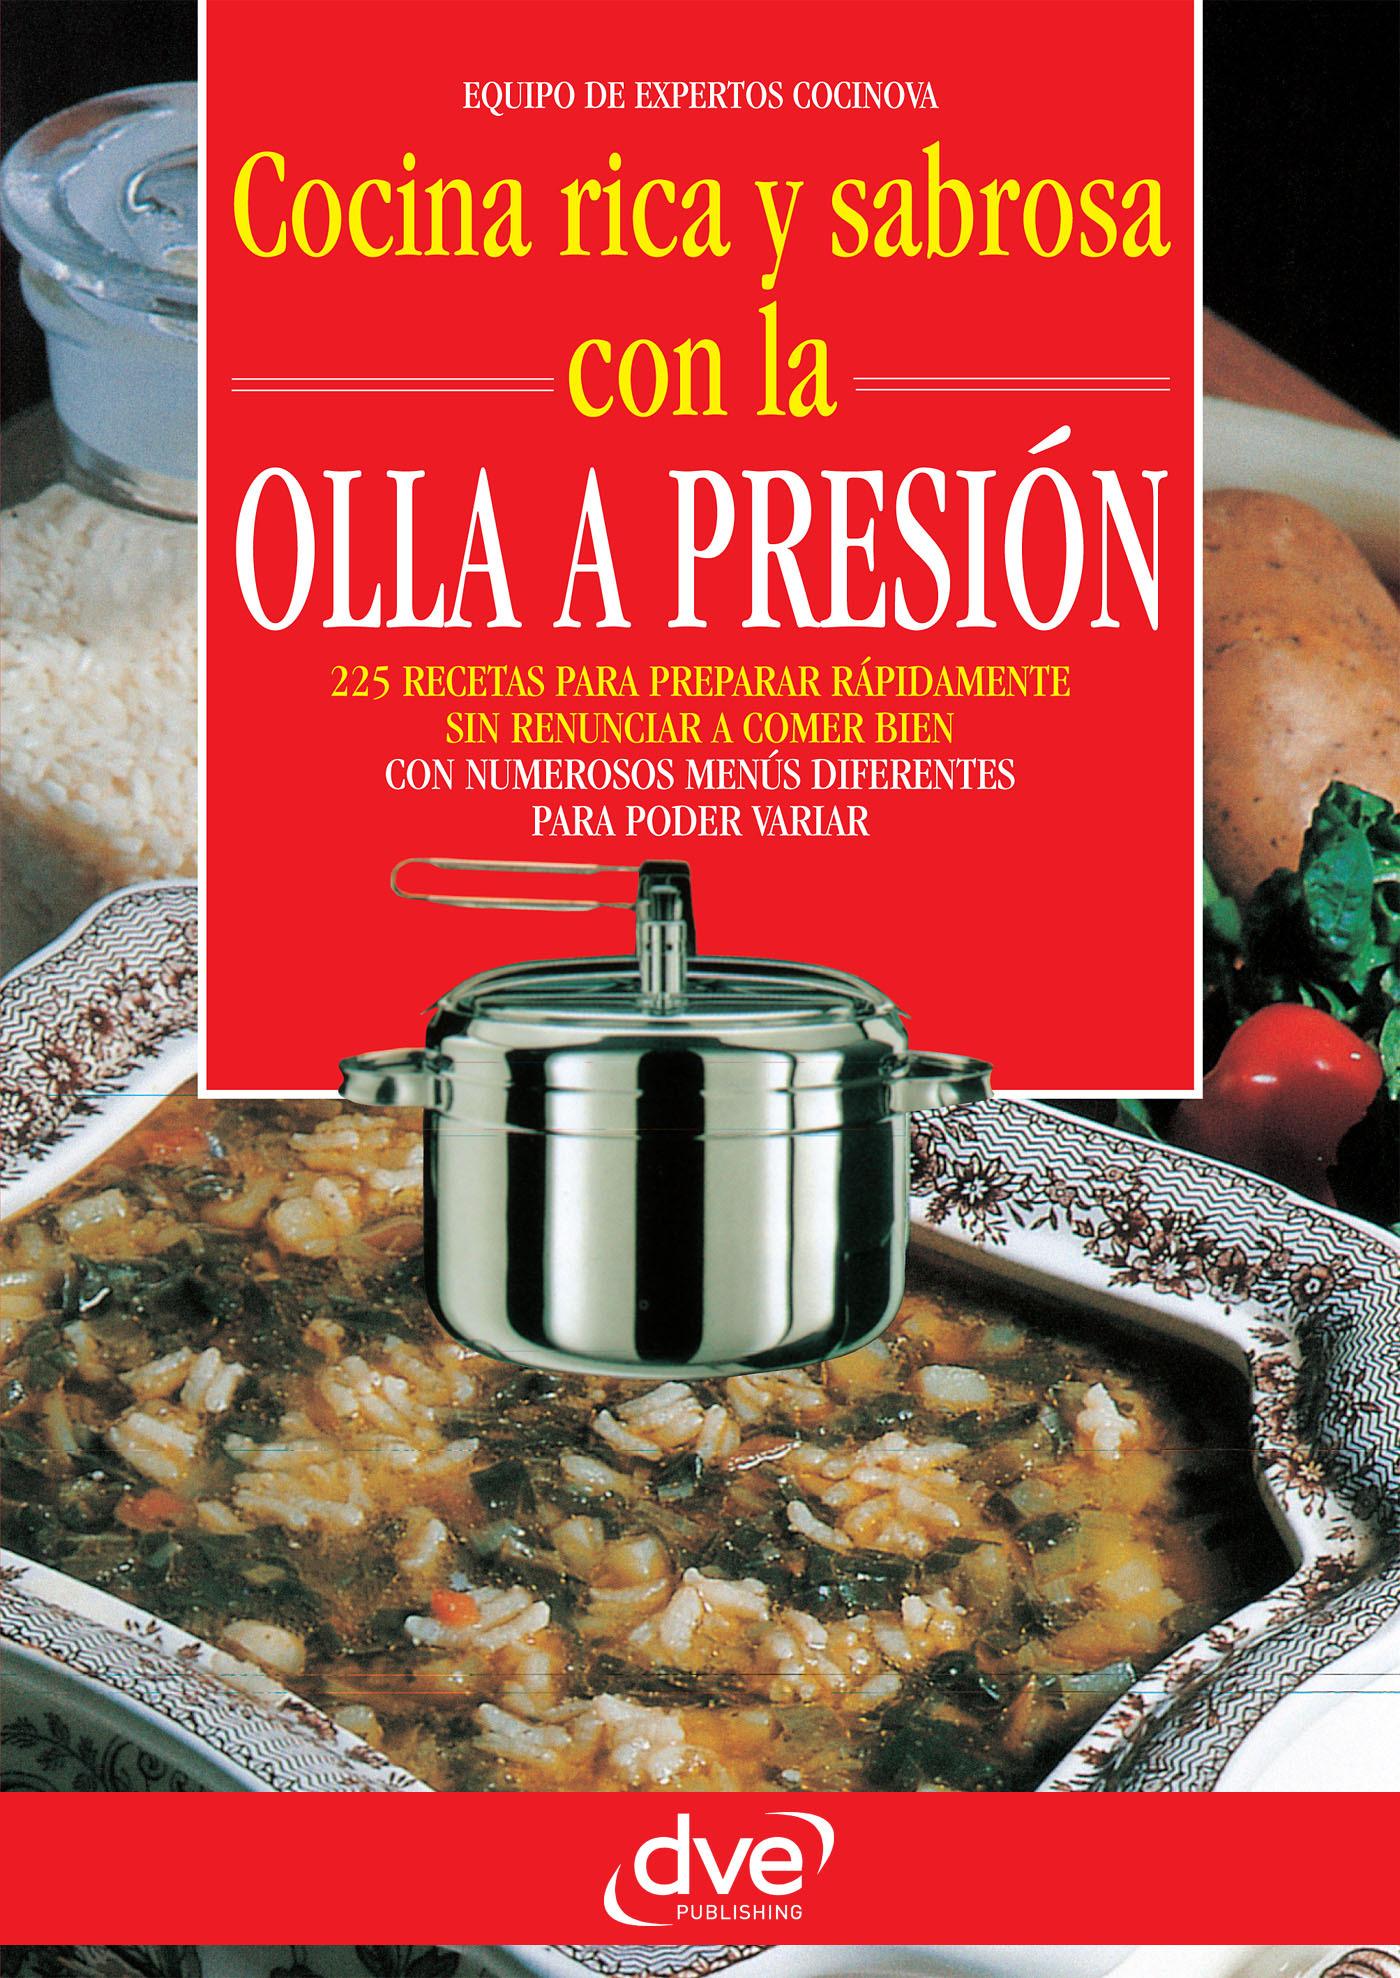 Cocinova, Equipo de expertos - Cocina rica y sabrosa con la olla a presión, e-bok